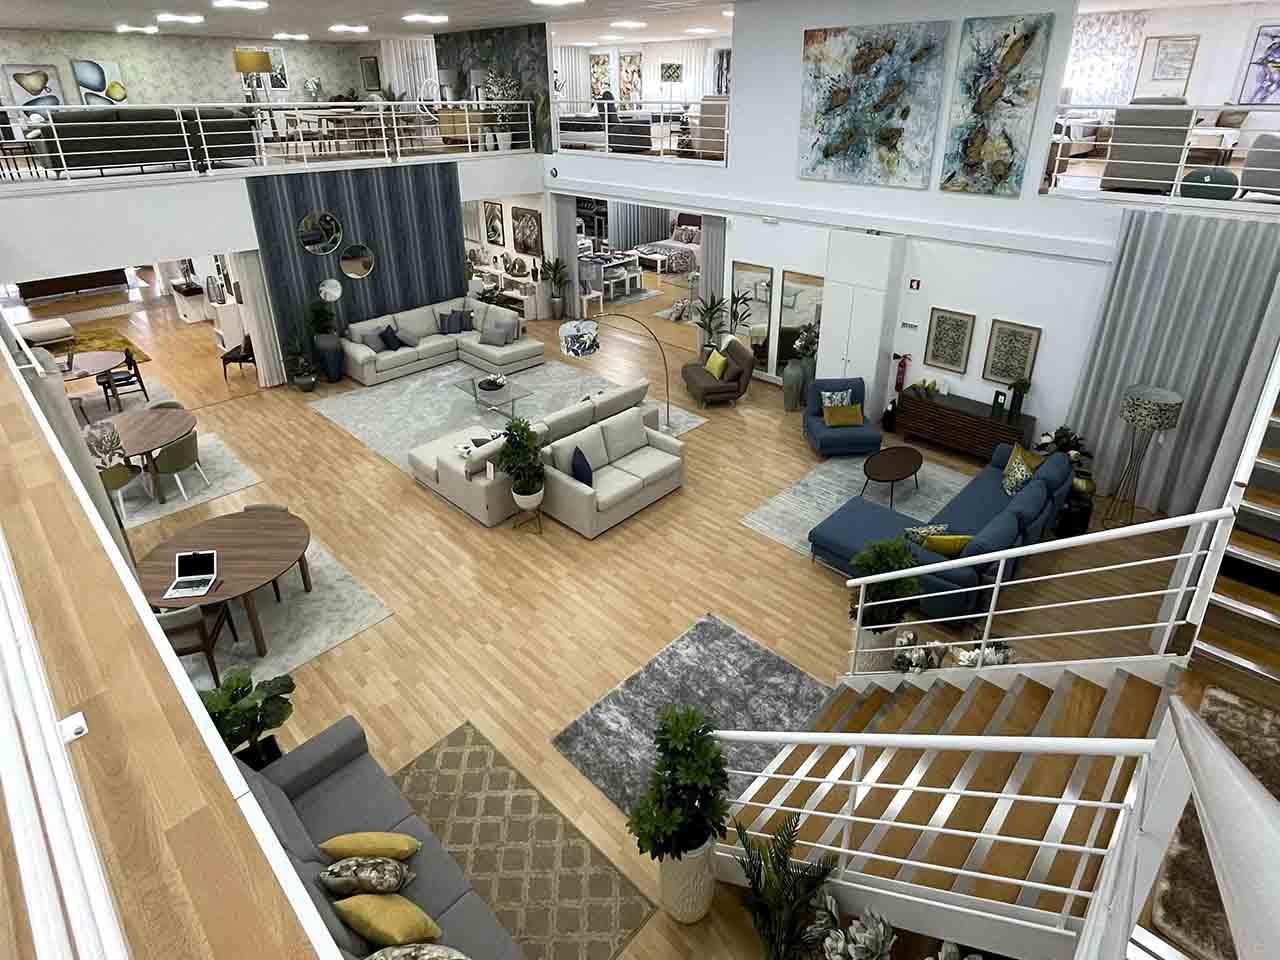 lisiarte-cadeiras-estofo-cortinados-camas-sofas-decoração-interiores-caldasdarainha-oeste-sãomartinho-bomsucesso-lisboa-praiadelrey